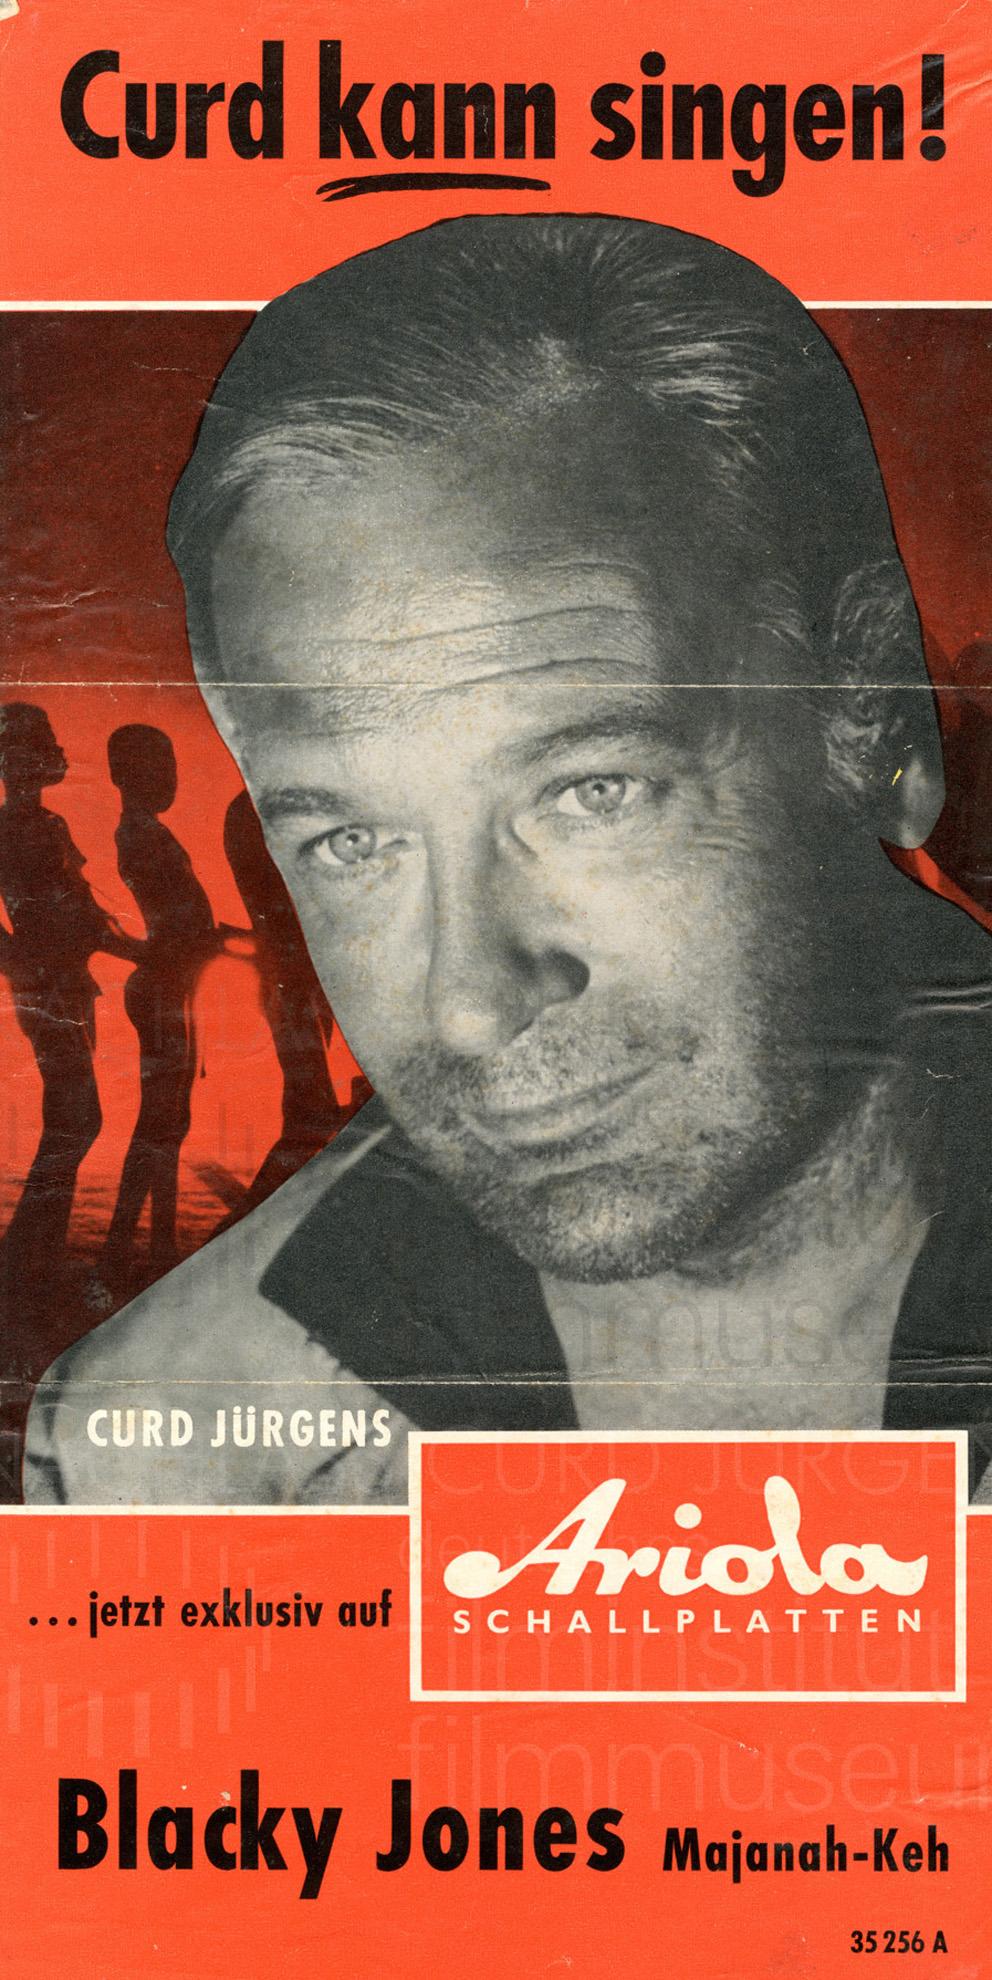 Werbung für die Lieder auf Ariola Schallplatten, 1960